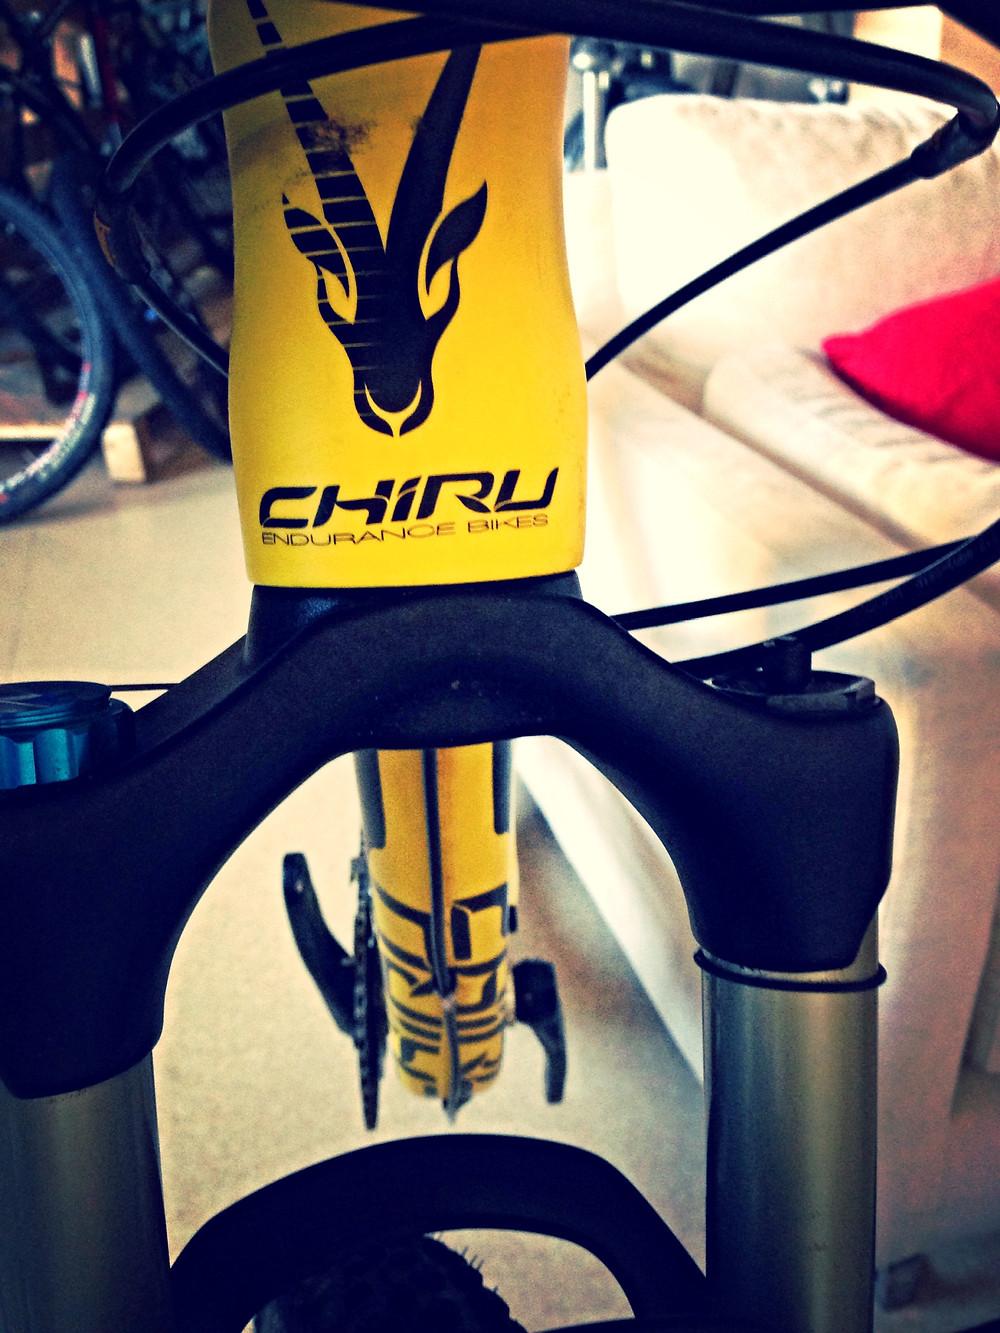 Venez tester les vélos de la marque CHIRU chez BIKE & TEST